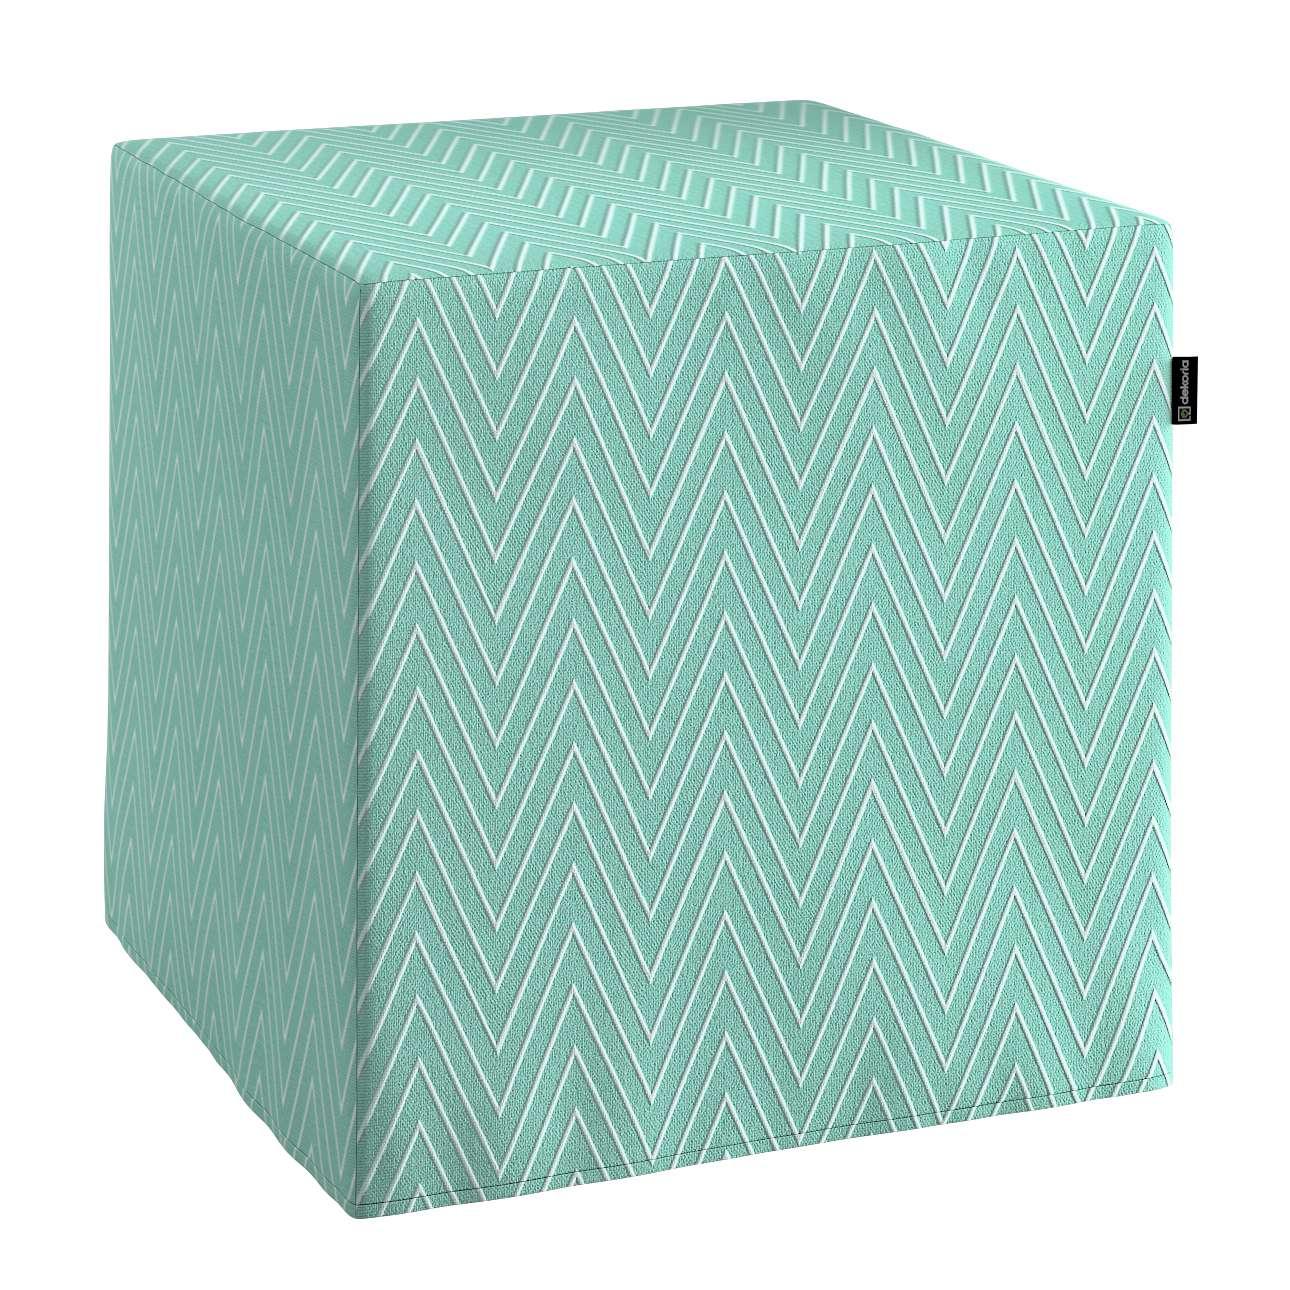 Pokrowiec na pufę kostke kostka 40x40x40 cm w kolekcji Brooklyn, tkanina: 137-90